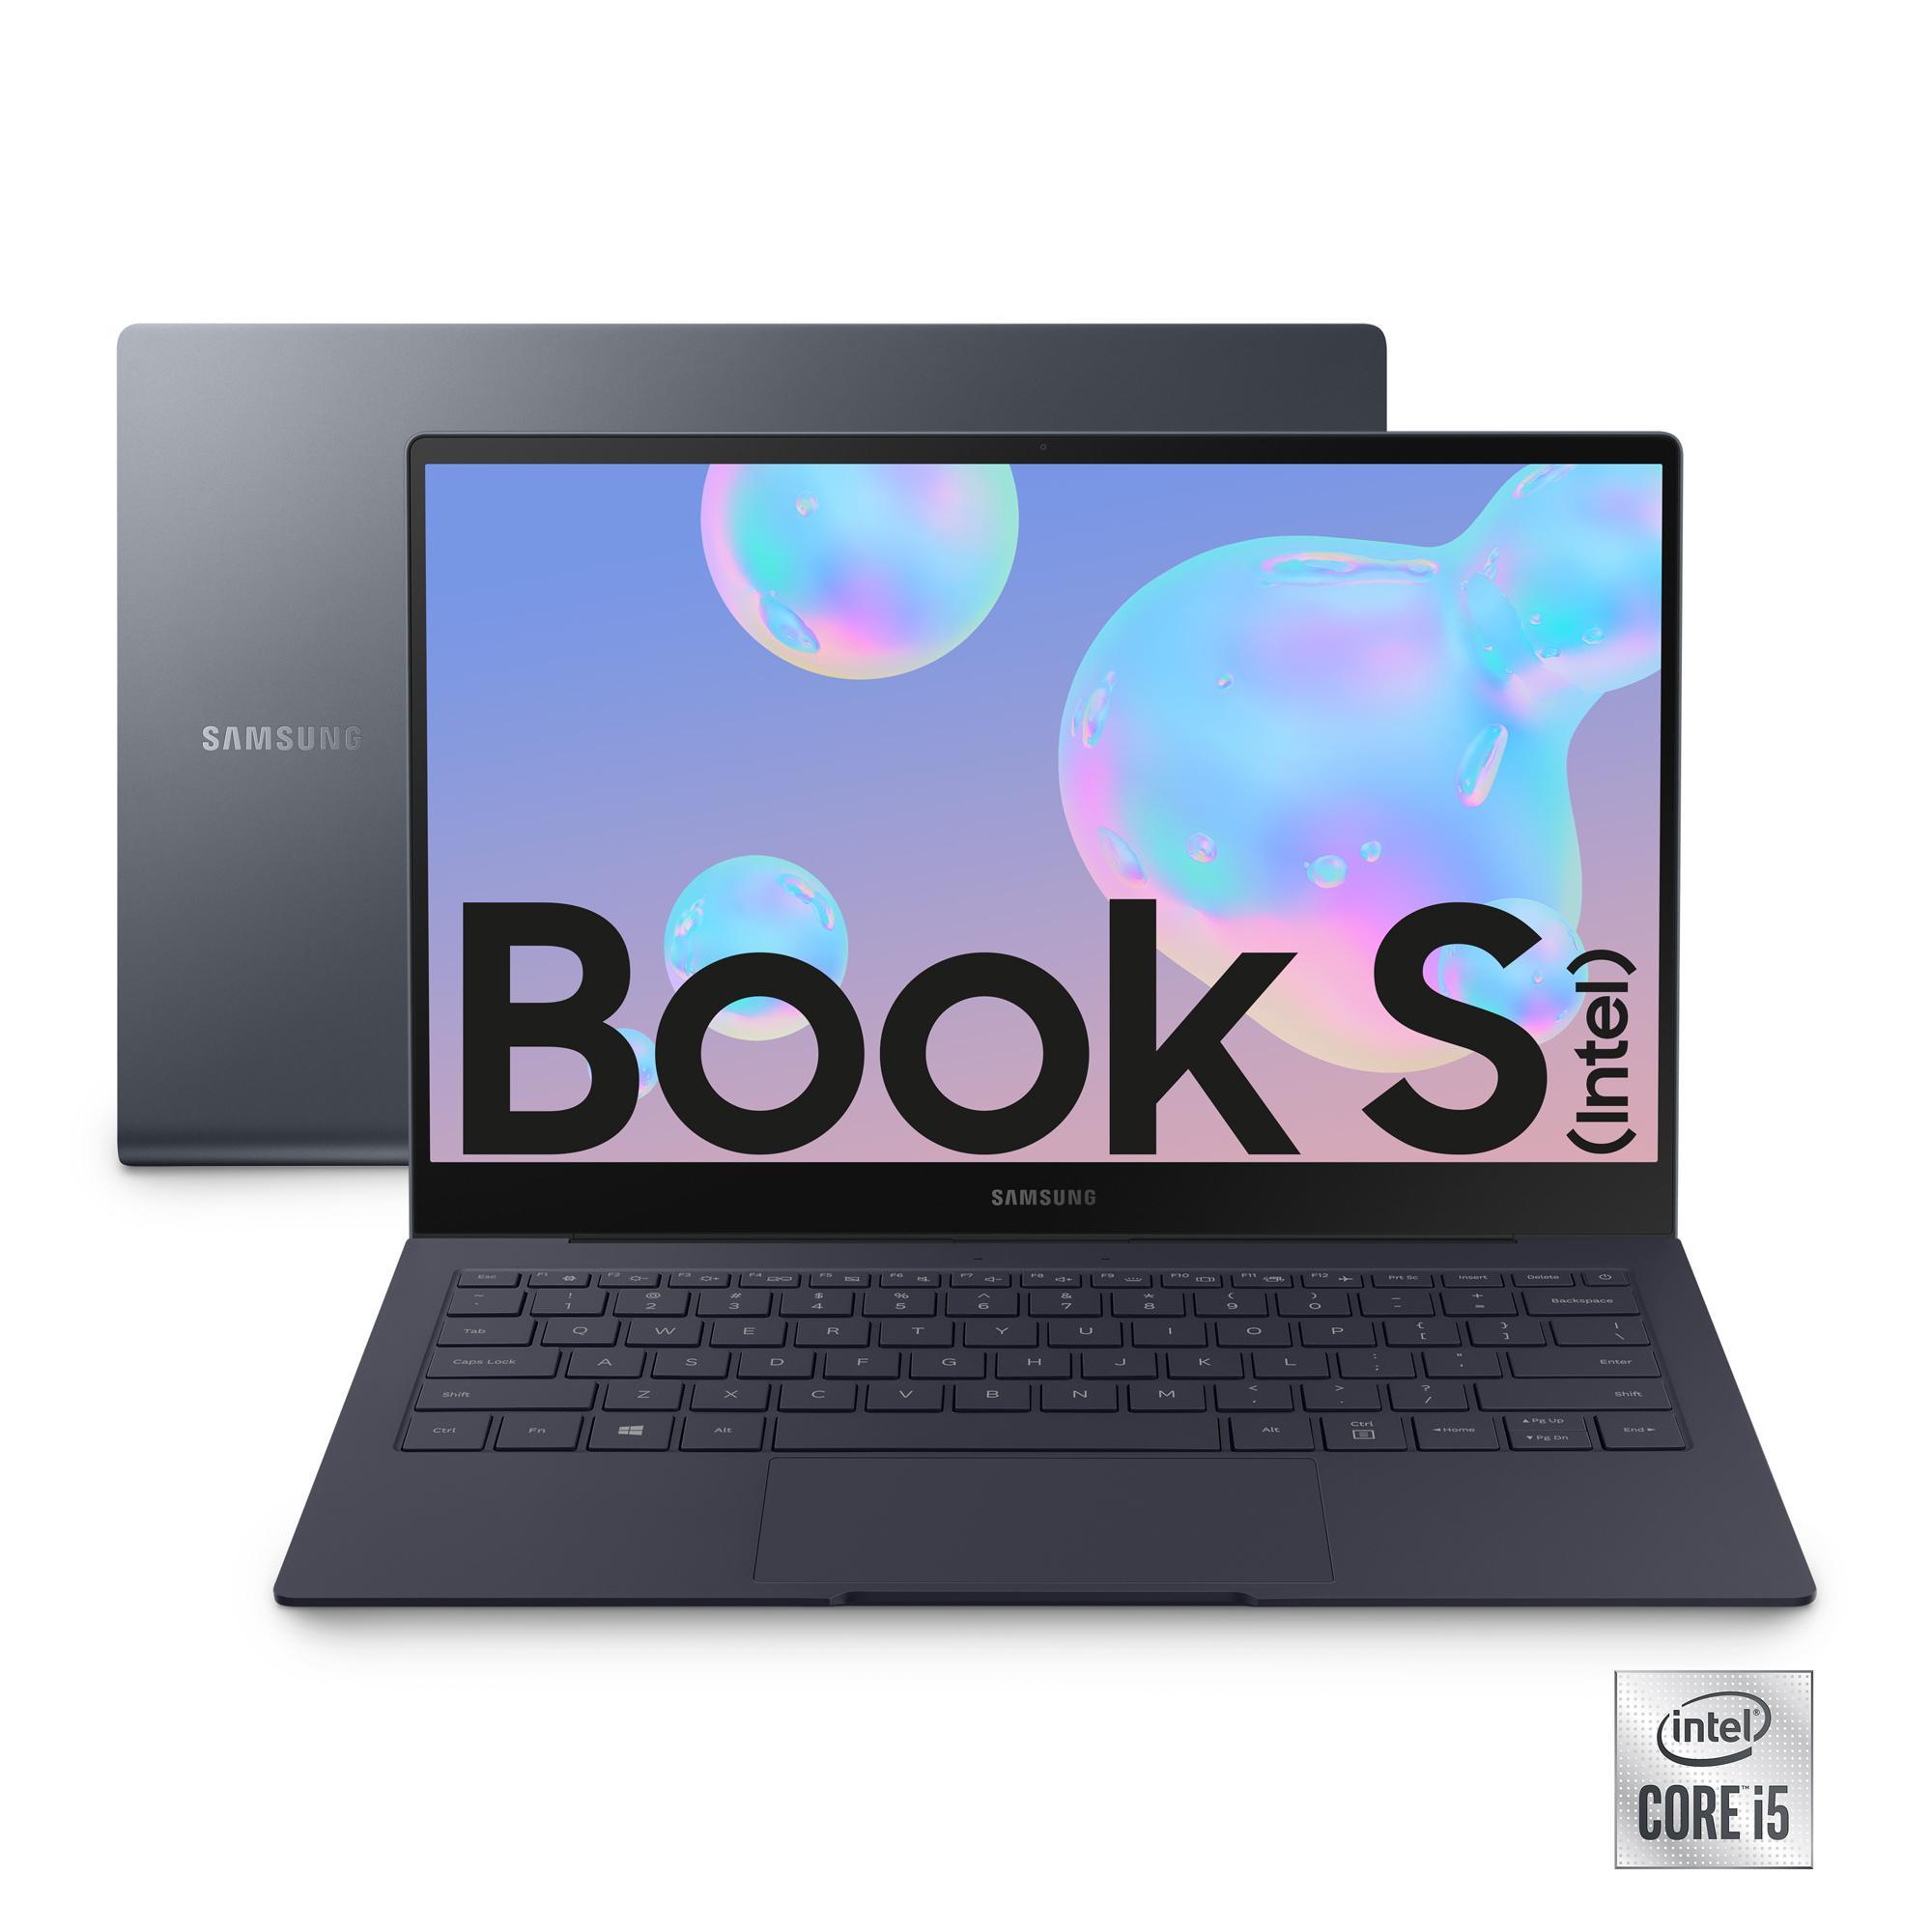 """Samsung Galaxy Book S (Intel) 13,3"""" Mercury Gray Touch Screen Intel® Core™ i5 Windows 10 Home Wi-Fi 6 RAM 8GB Memoria 512GB Batteria 42Wh Lettore impronte digitali"""